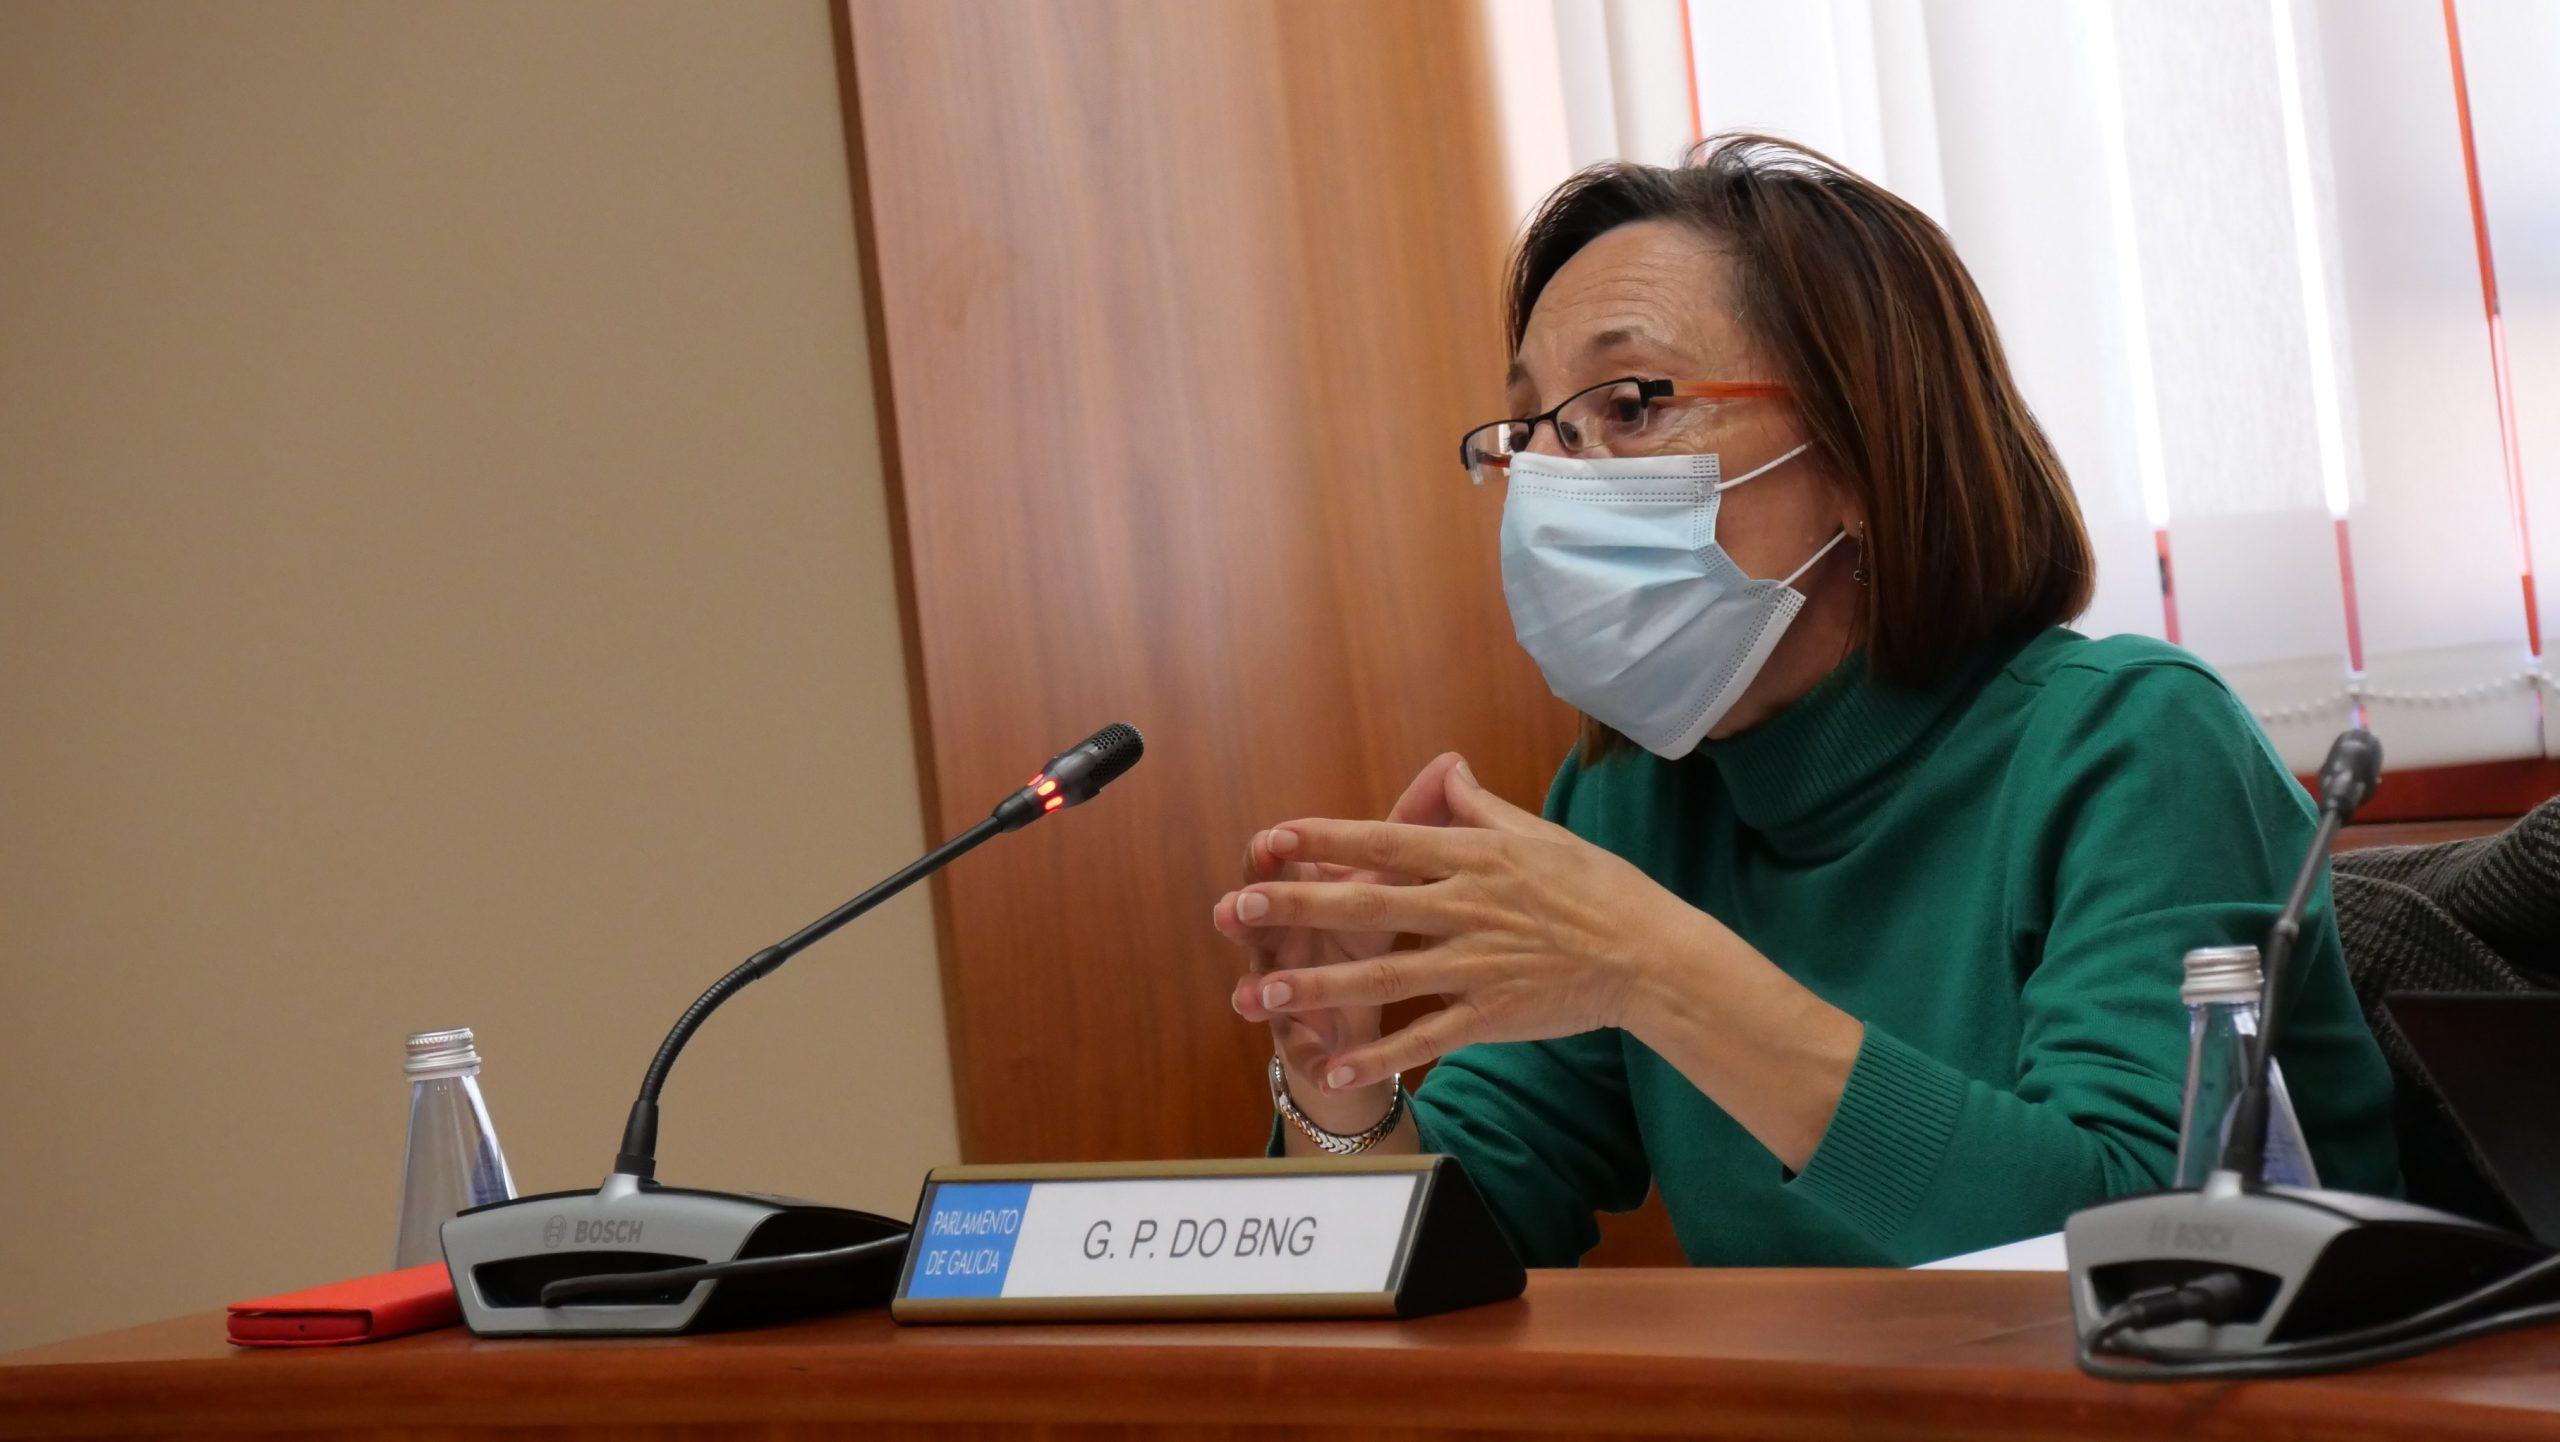 O BNG urxe á Xunta a axilizar a vacinación, aínda pendente,  entre  traballadoras e traballadores do mar